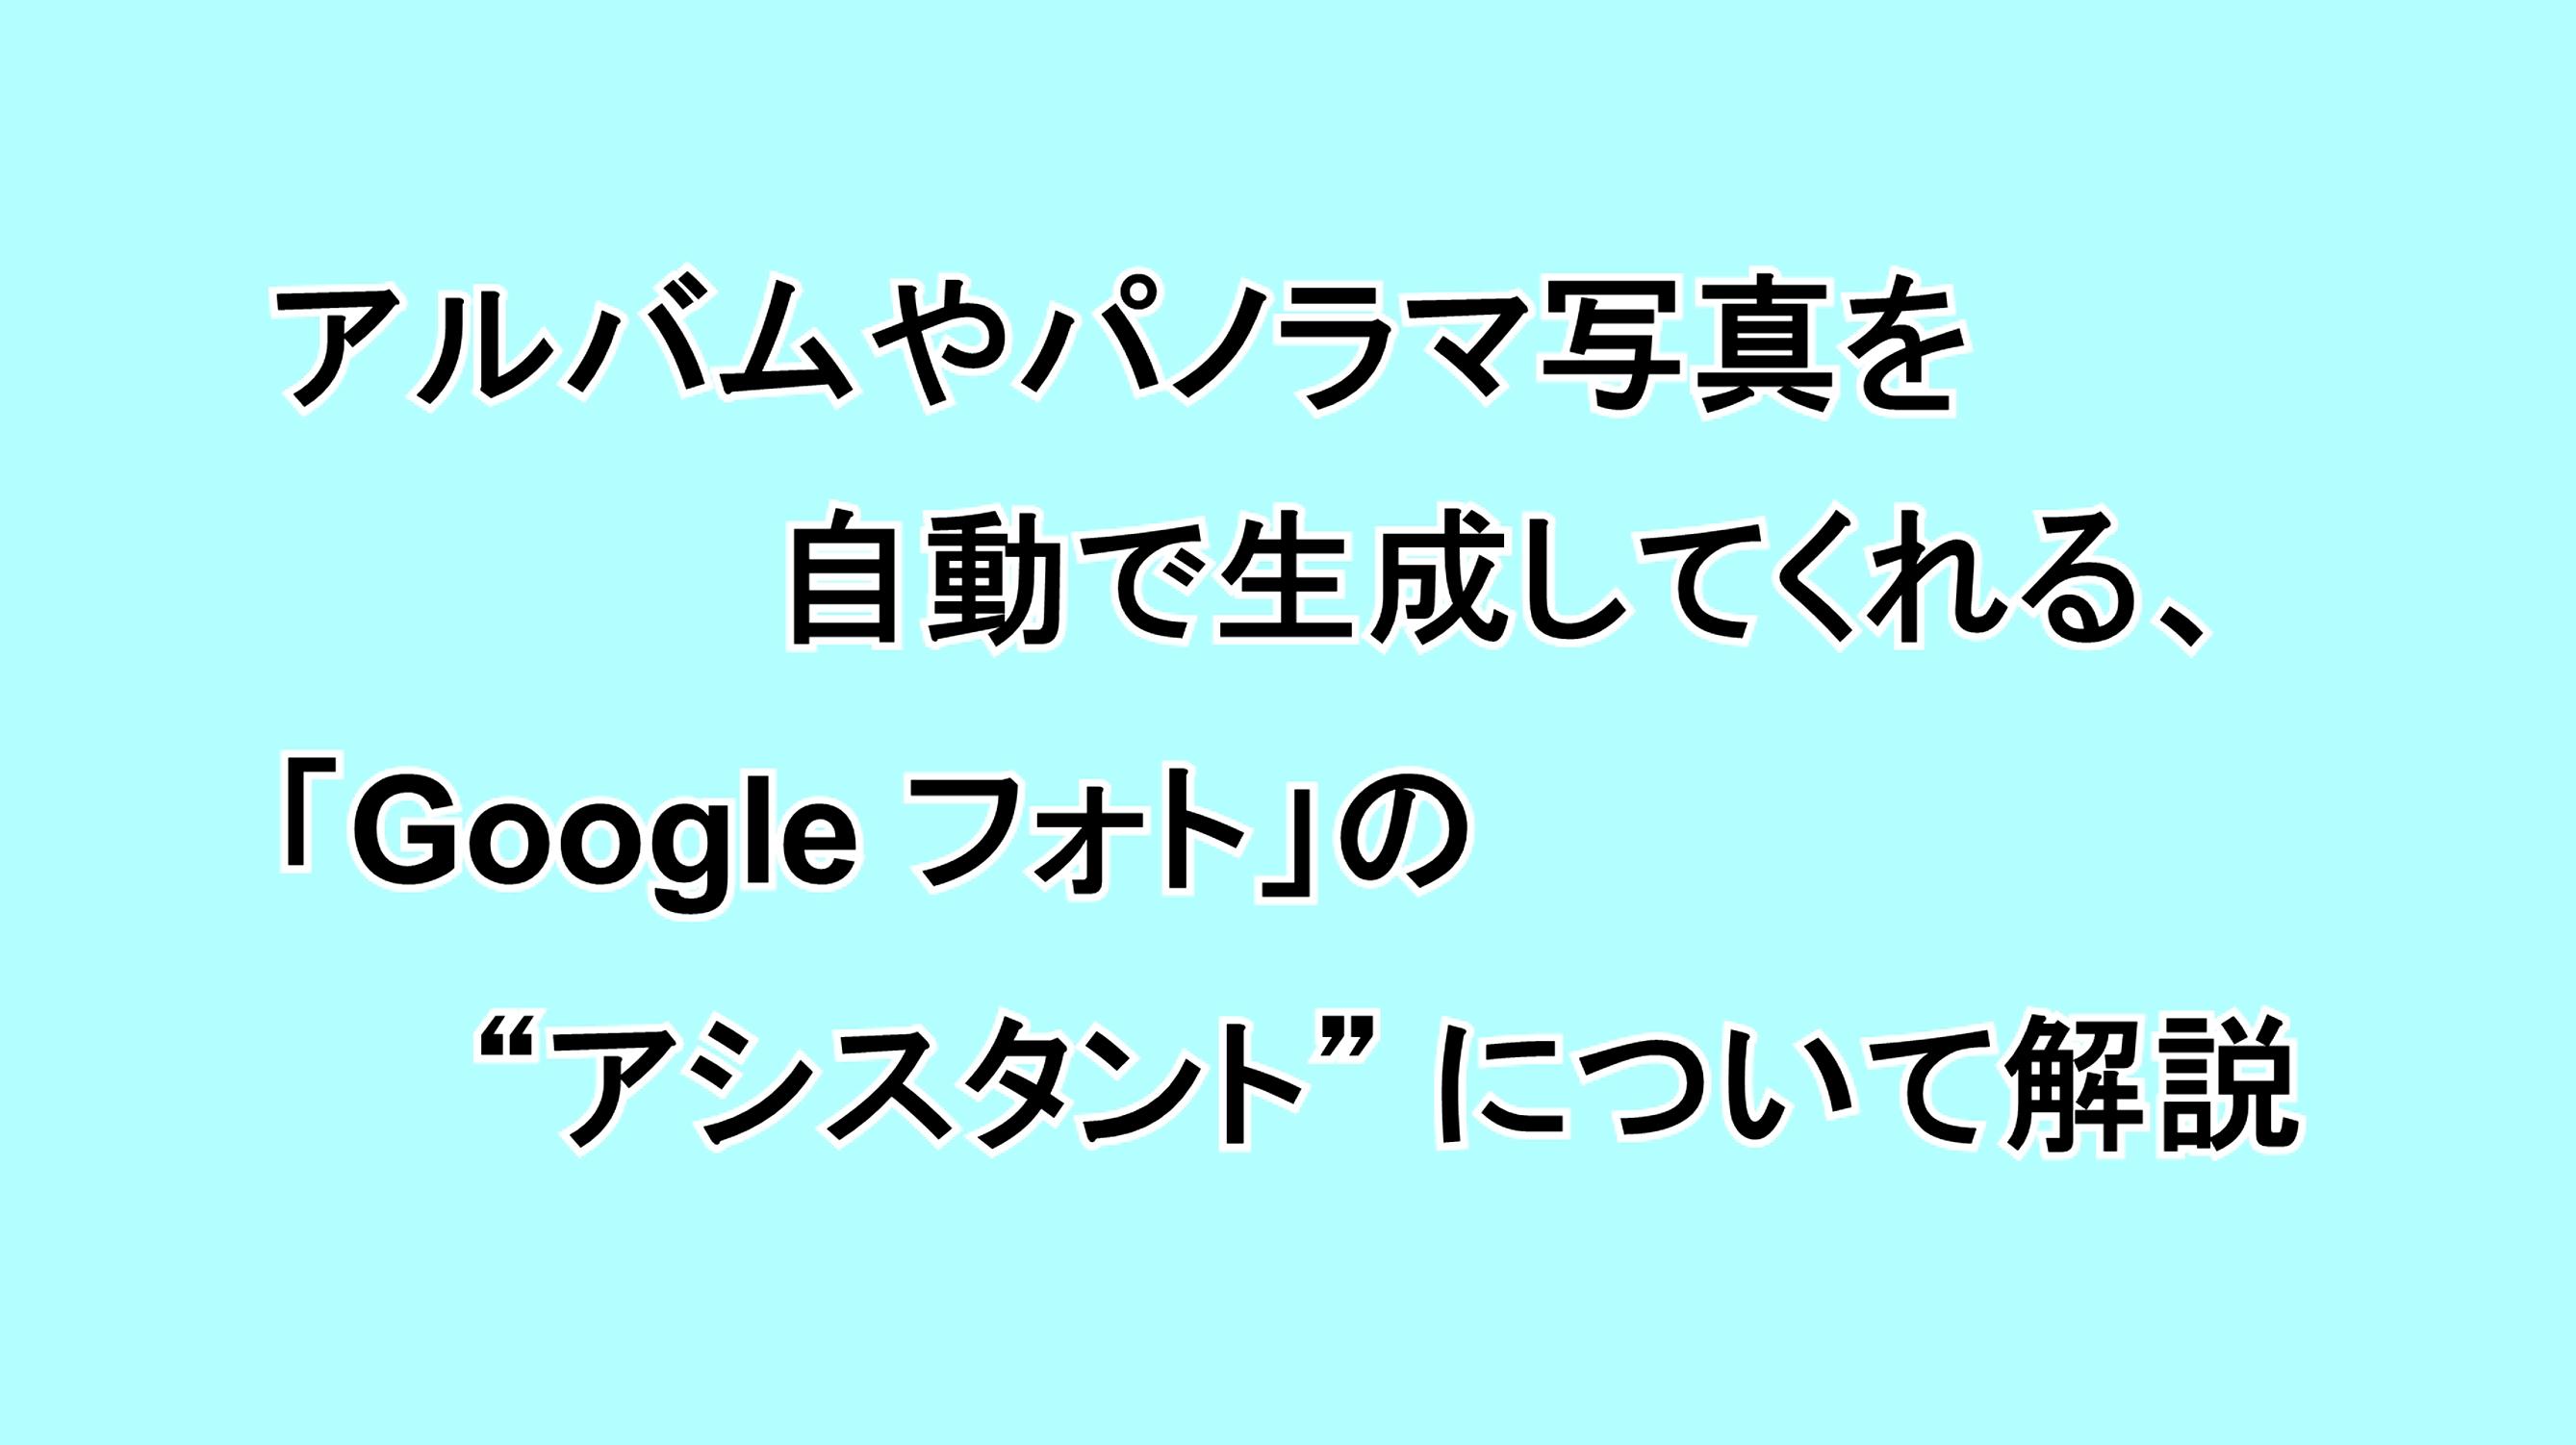 """アルバムやパノラマ写真を自動で生成してくれる「Google フォト」の""""アシスタント""""について解説"""